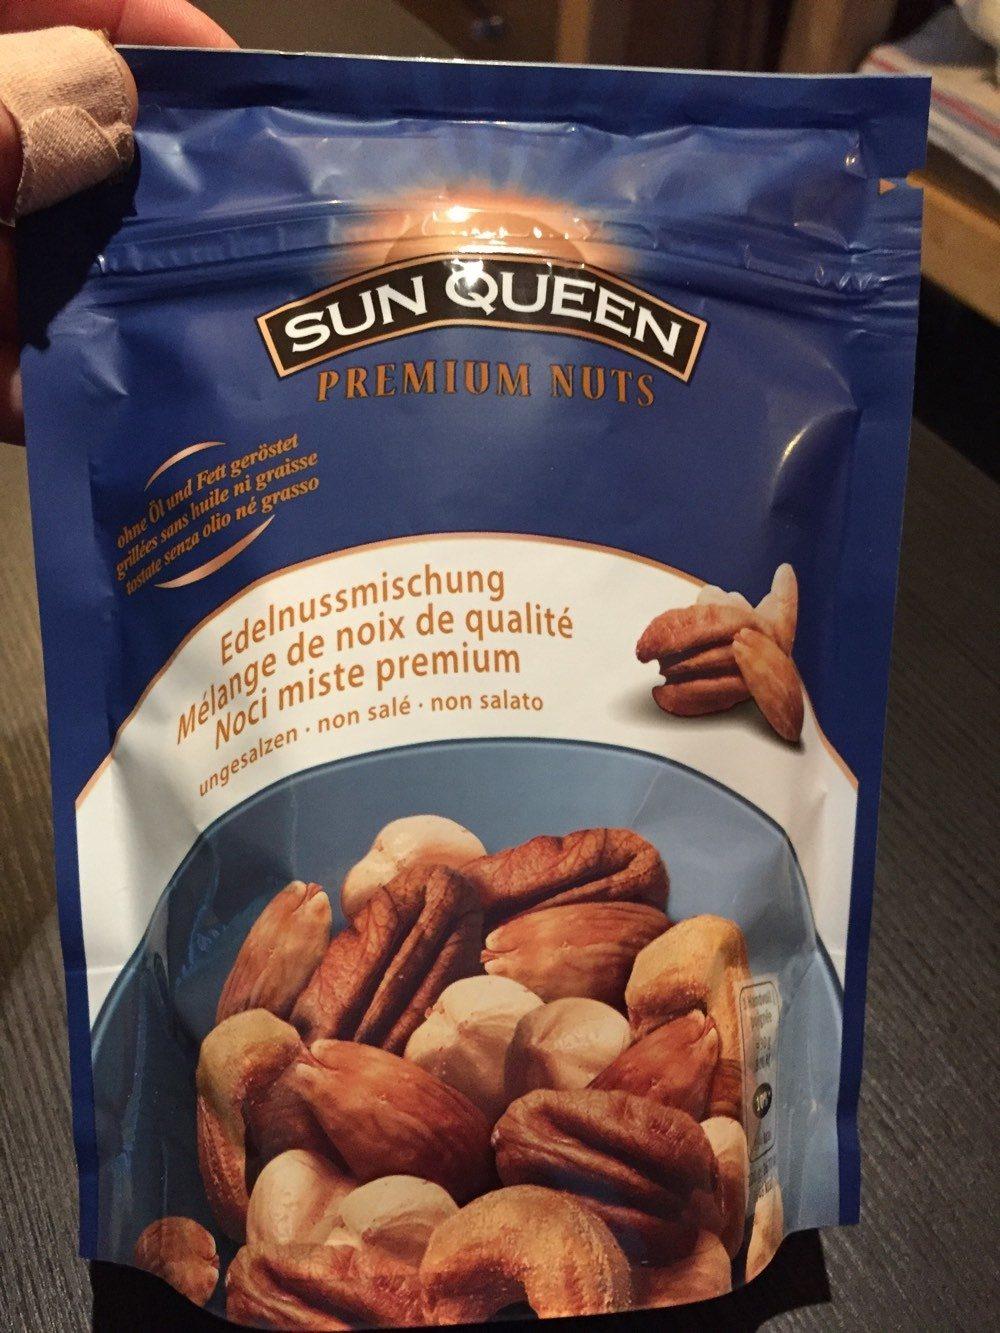 Mélange de noix de qualité - Produit - fr